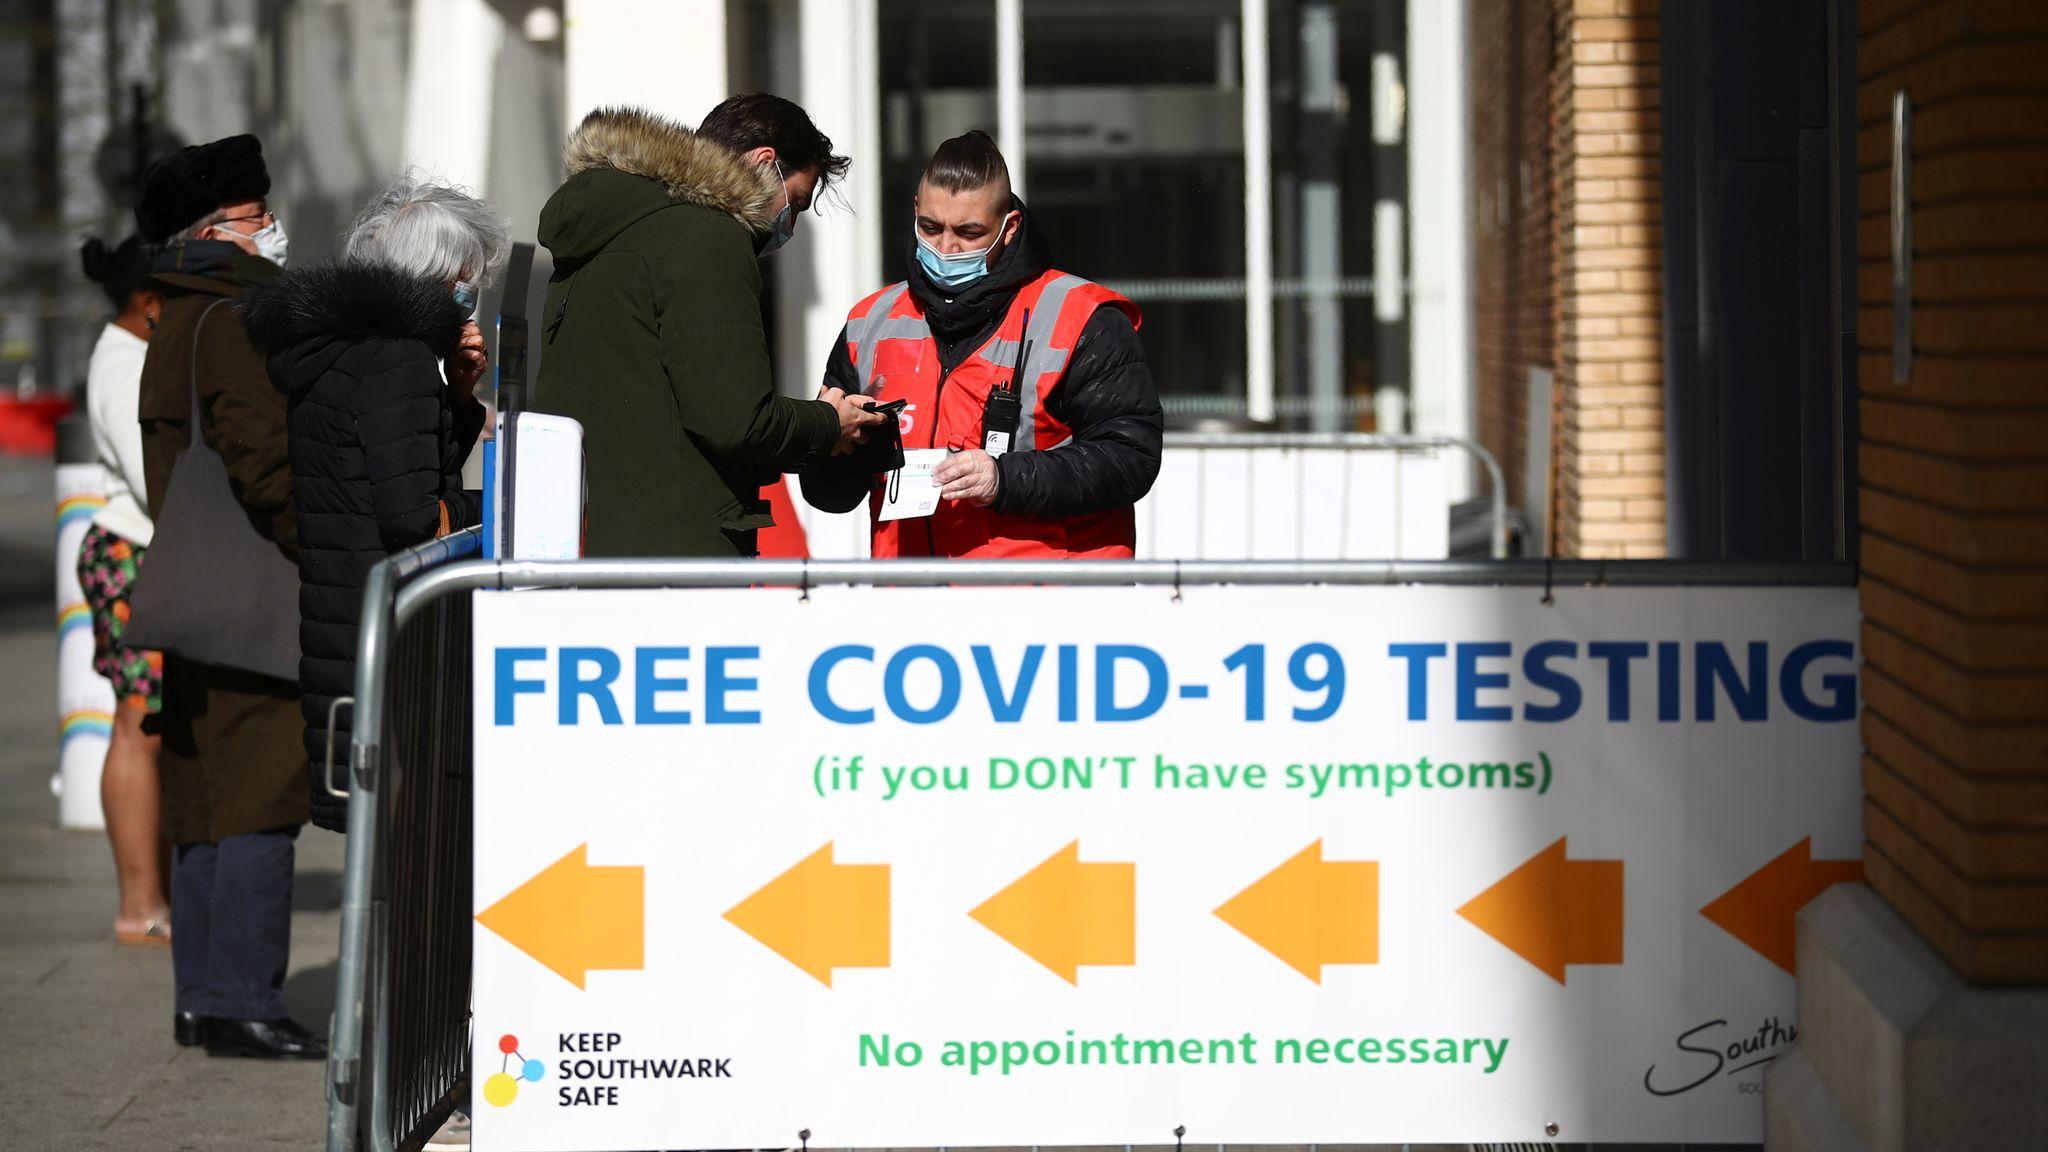 Điểm xét nghiệm Covid-19 miễn phí tại cầu London vào ngày 5/4. Ảnh: PA.